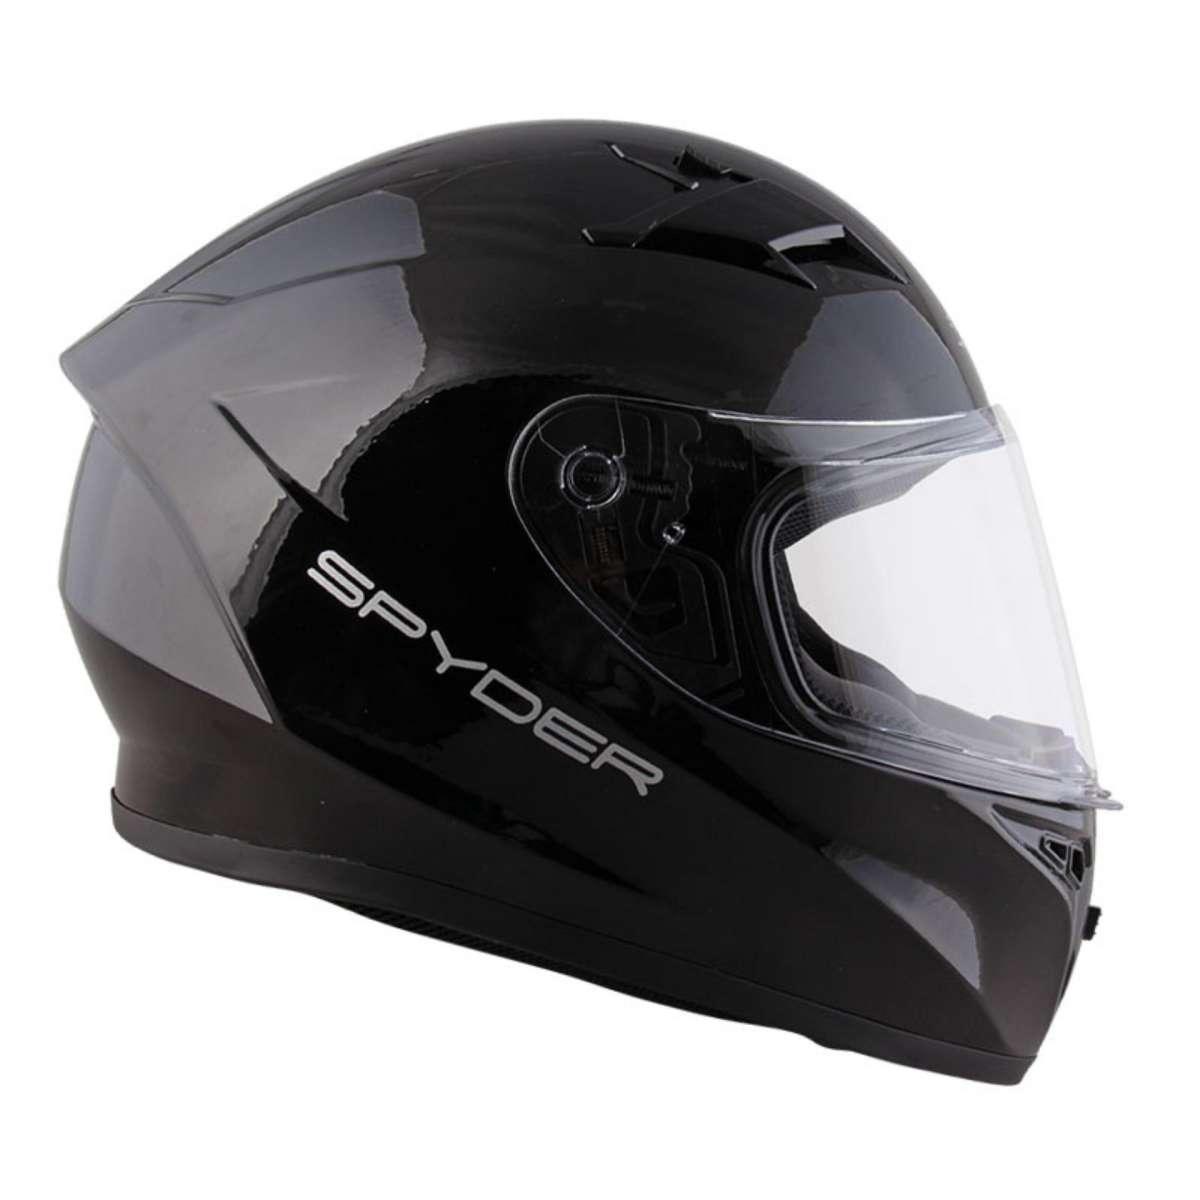 0fde91f9 SPYDER PHOENIX MATTE BLACK GLOSSY BLACK HELMET FULL FACE MOTORCYCLE GEARS